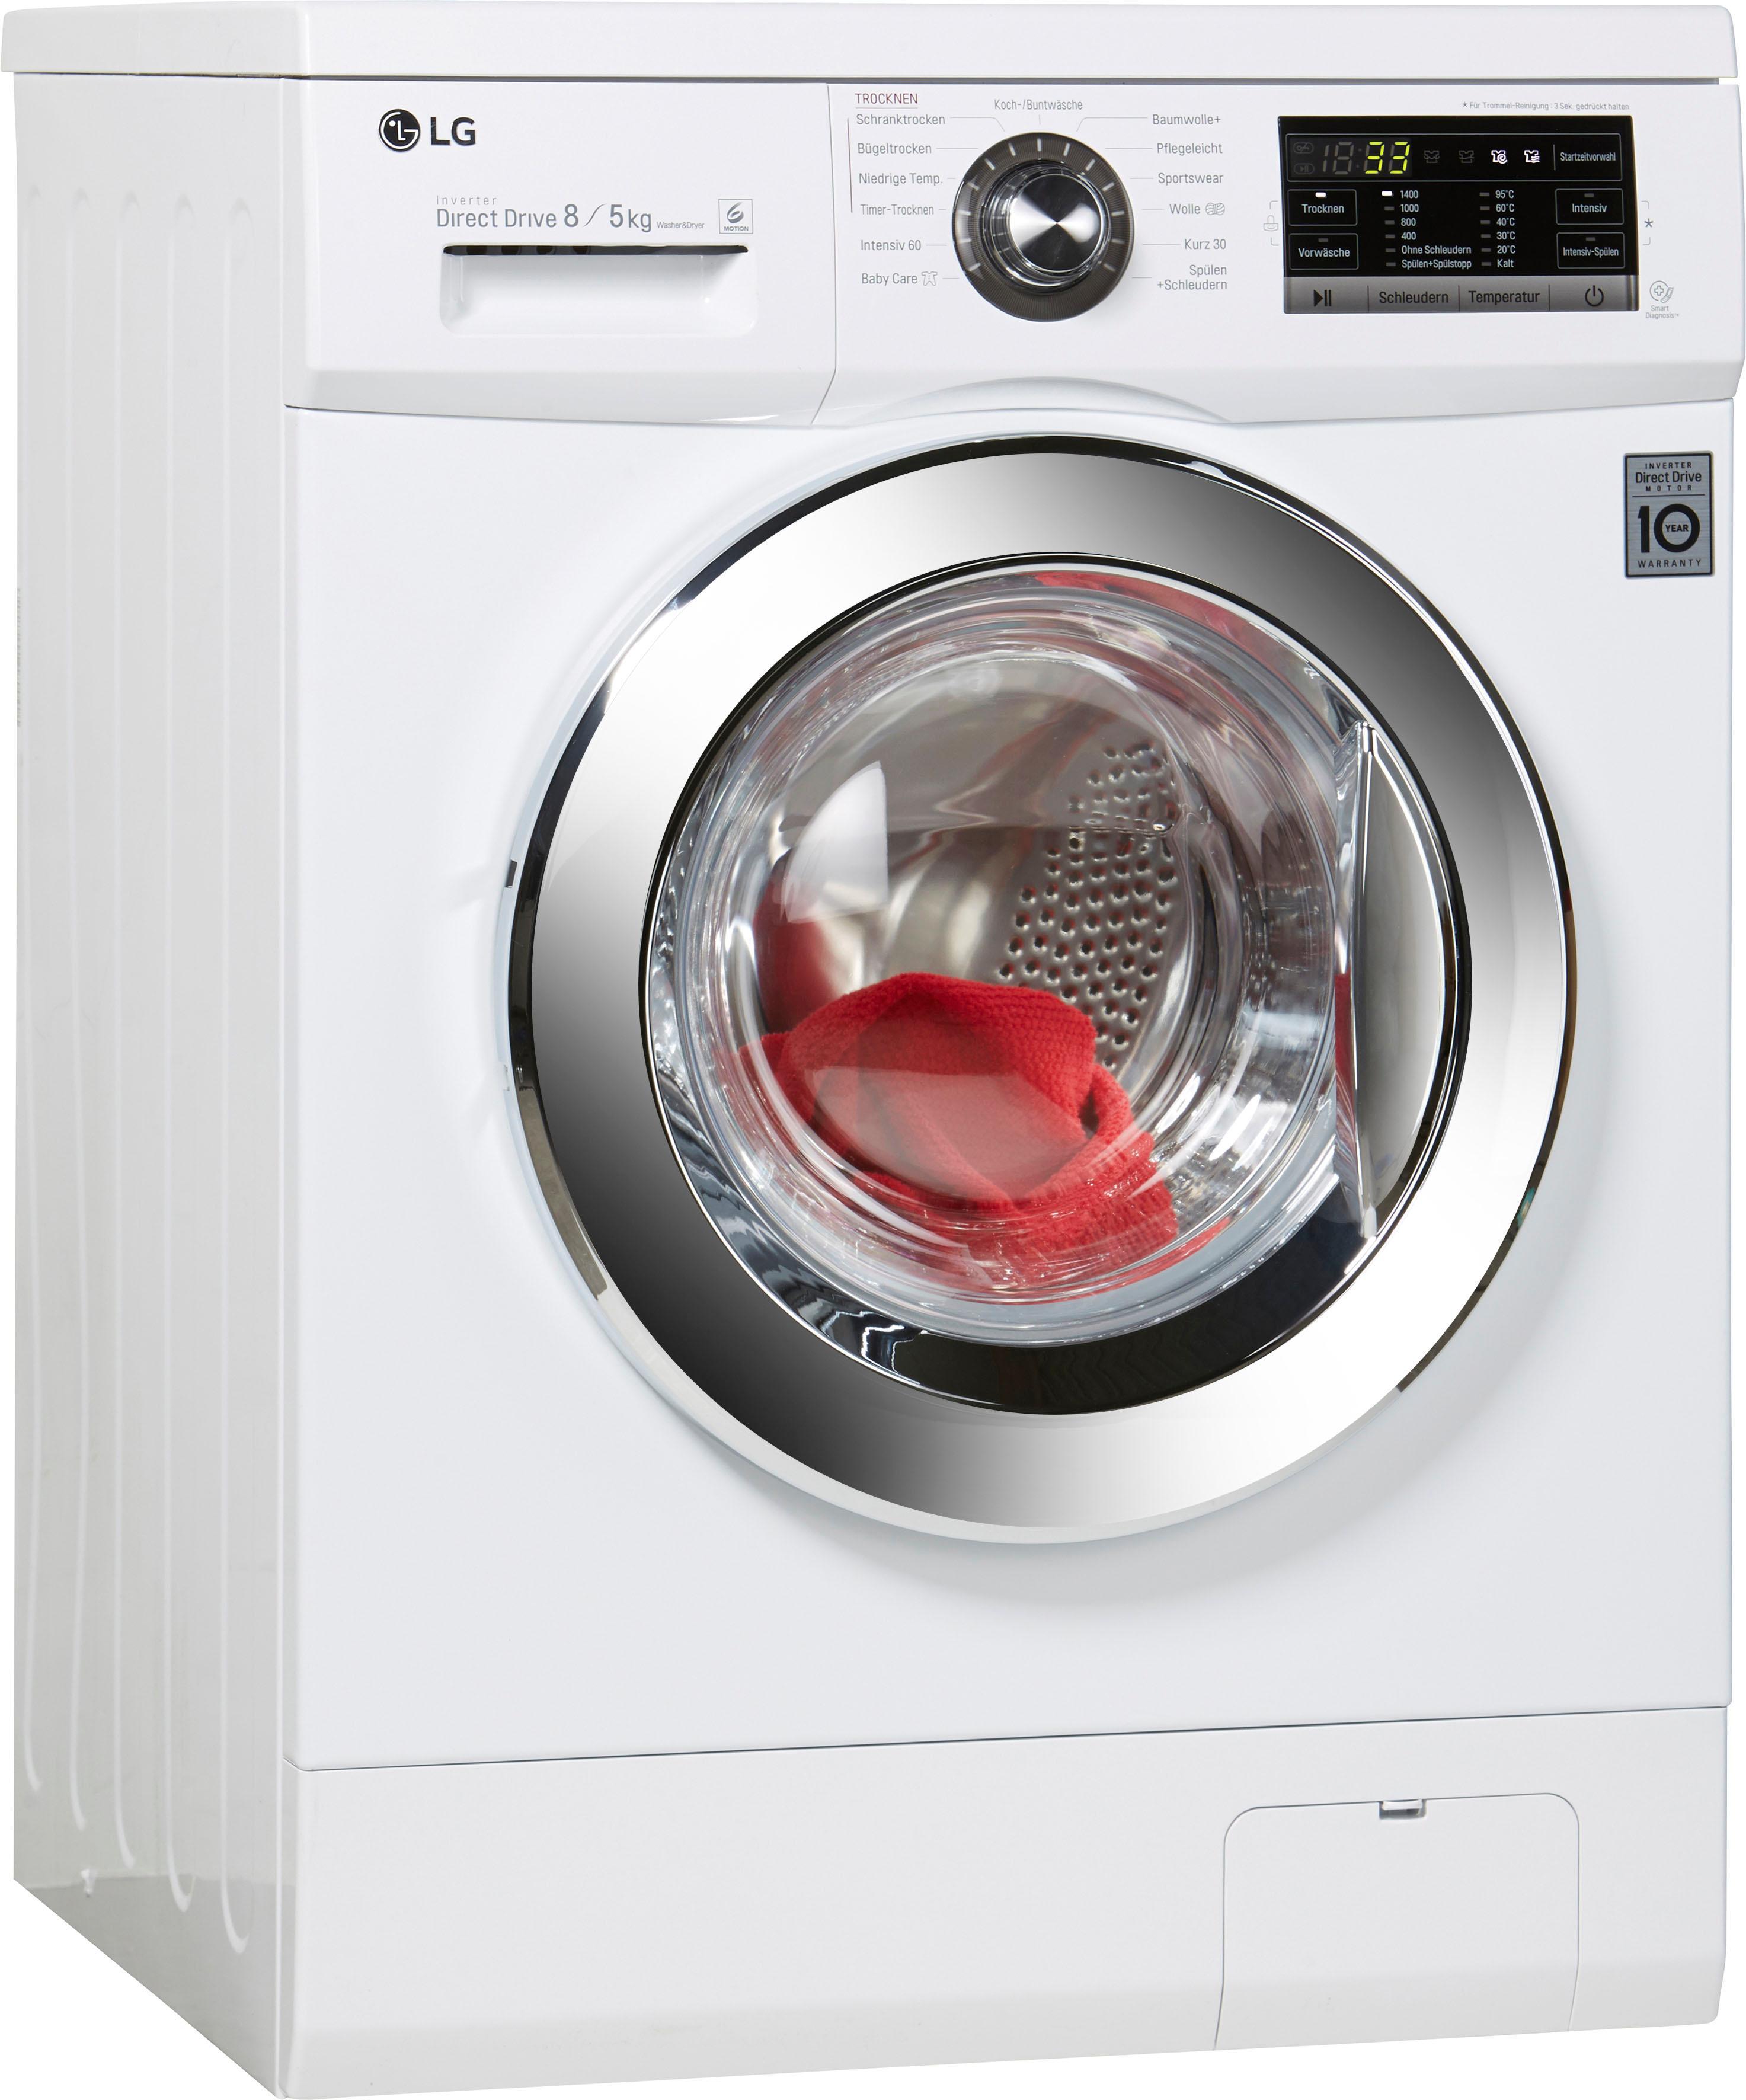 LG Waschtrockner F 14G6 TDM2NH, 8 kg / 5 kg, 1400 U/Min | Bad > Waschmaschinen und Trockner > Waschtrockner | Weiß | LG